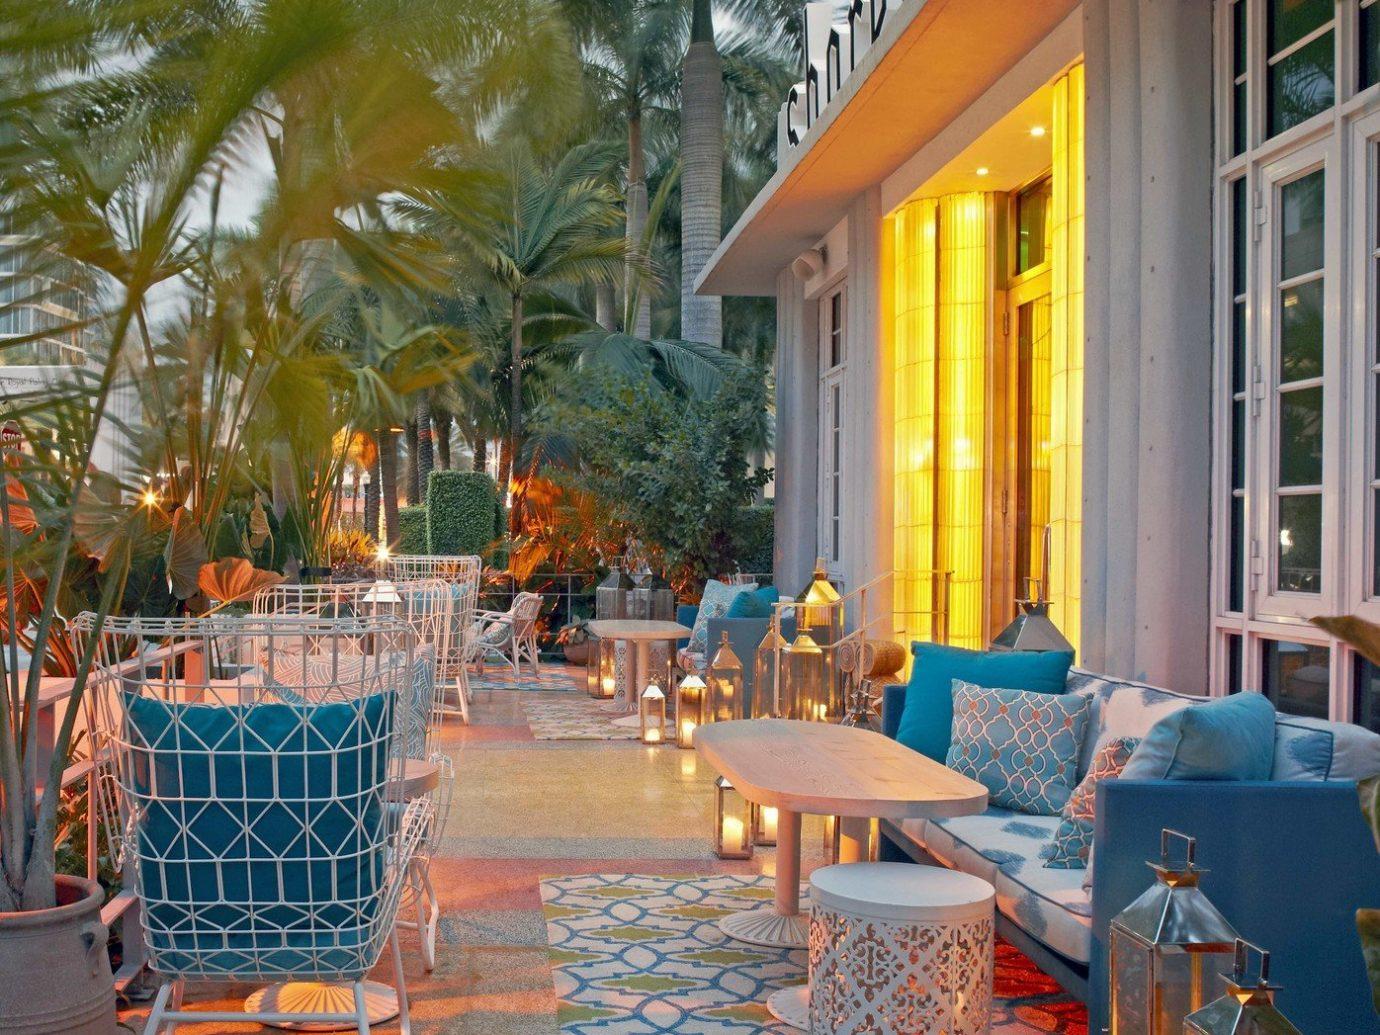 8 Best Restaurants In South Beach